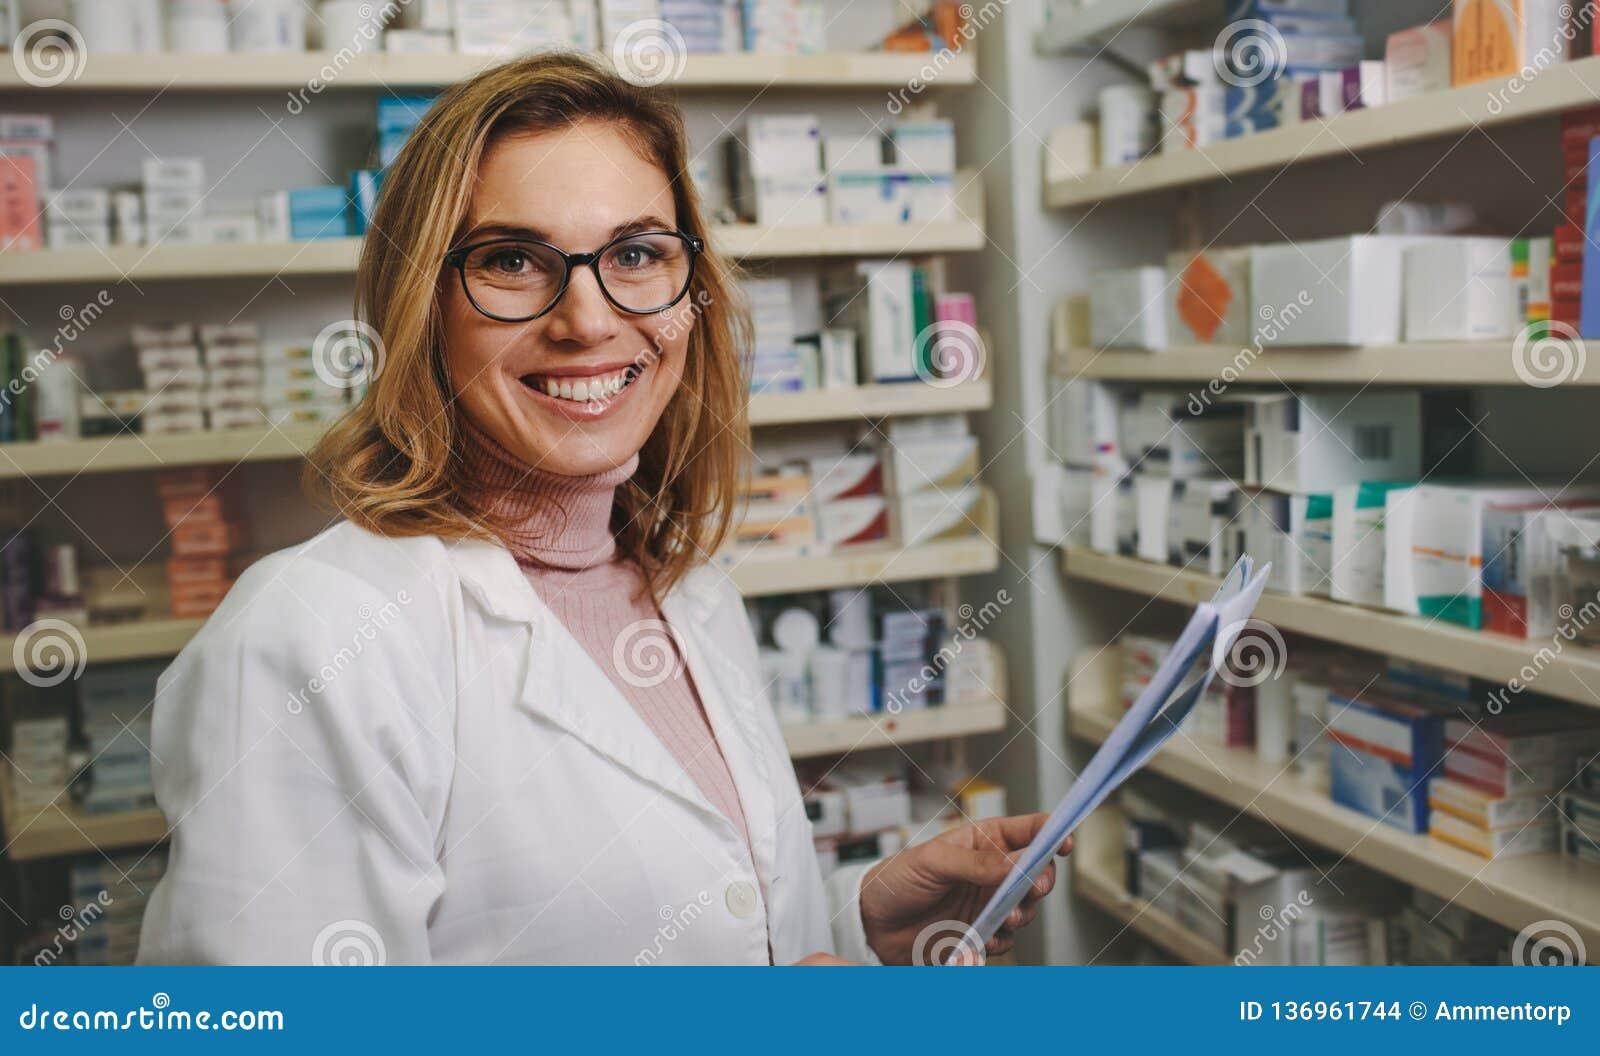 Θετικός θηλυκός φαρμακοποιός που εργάζεται στο φαρμακείο